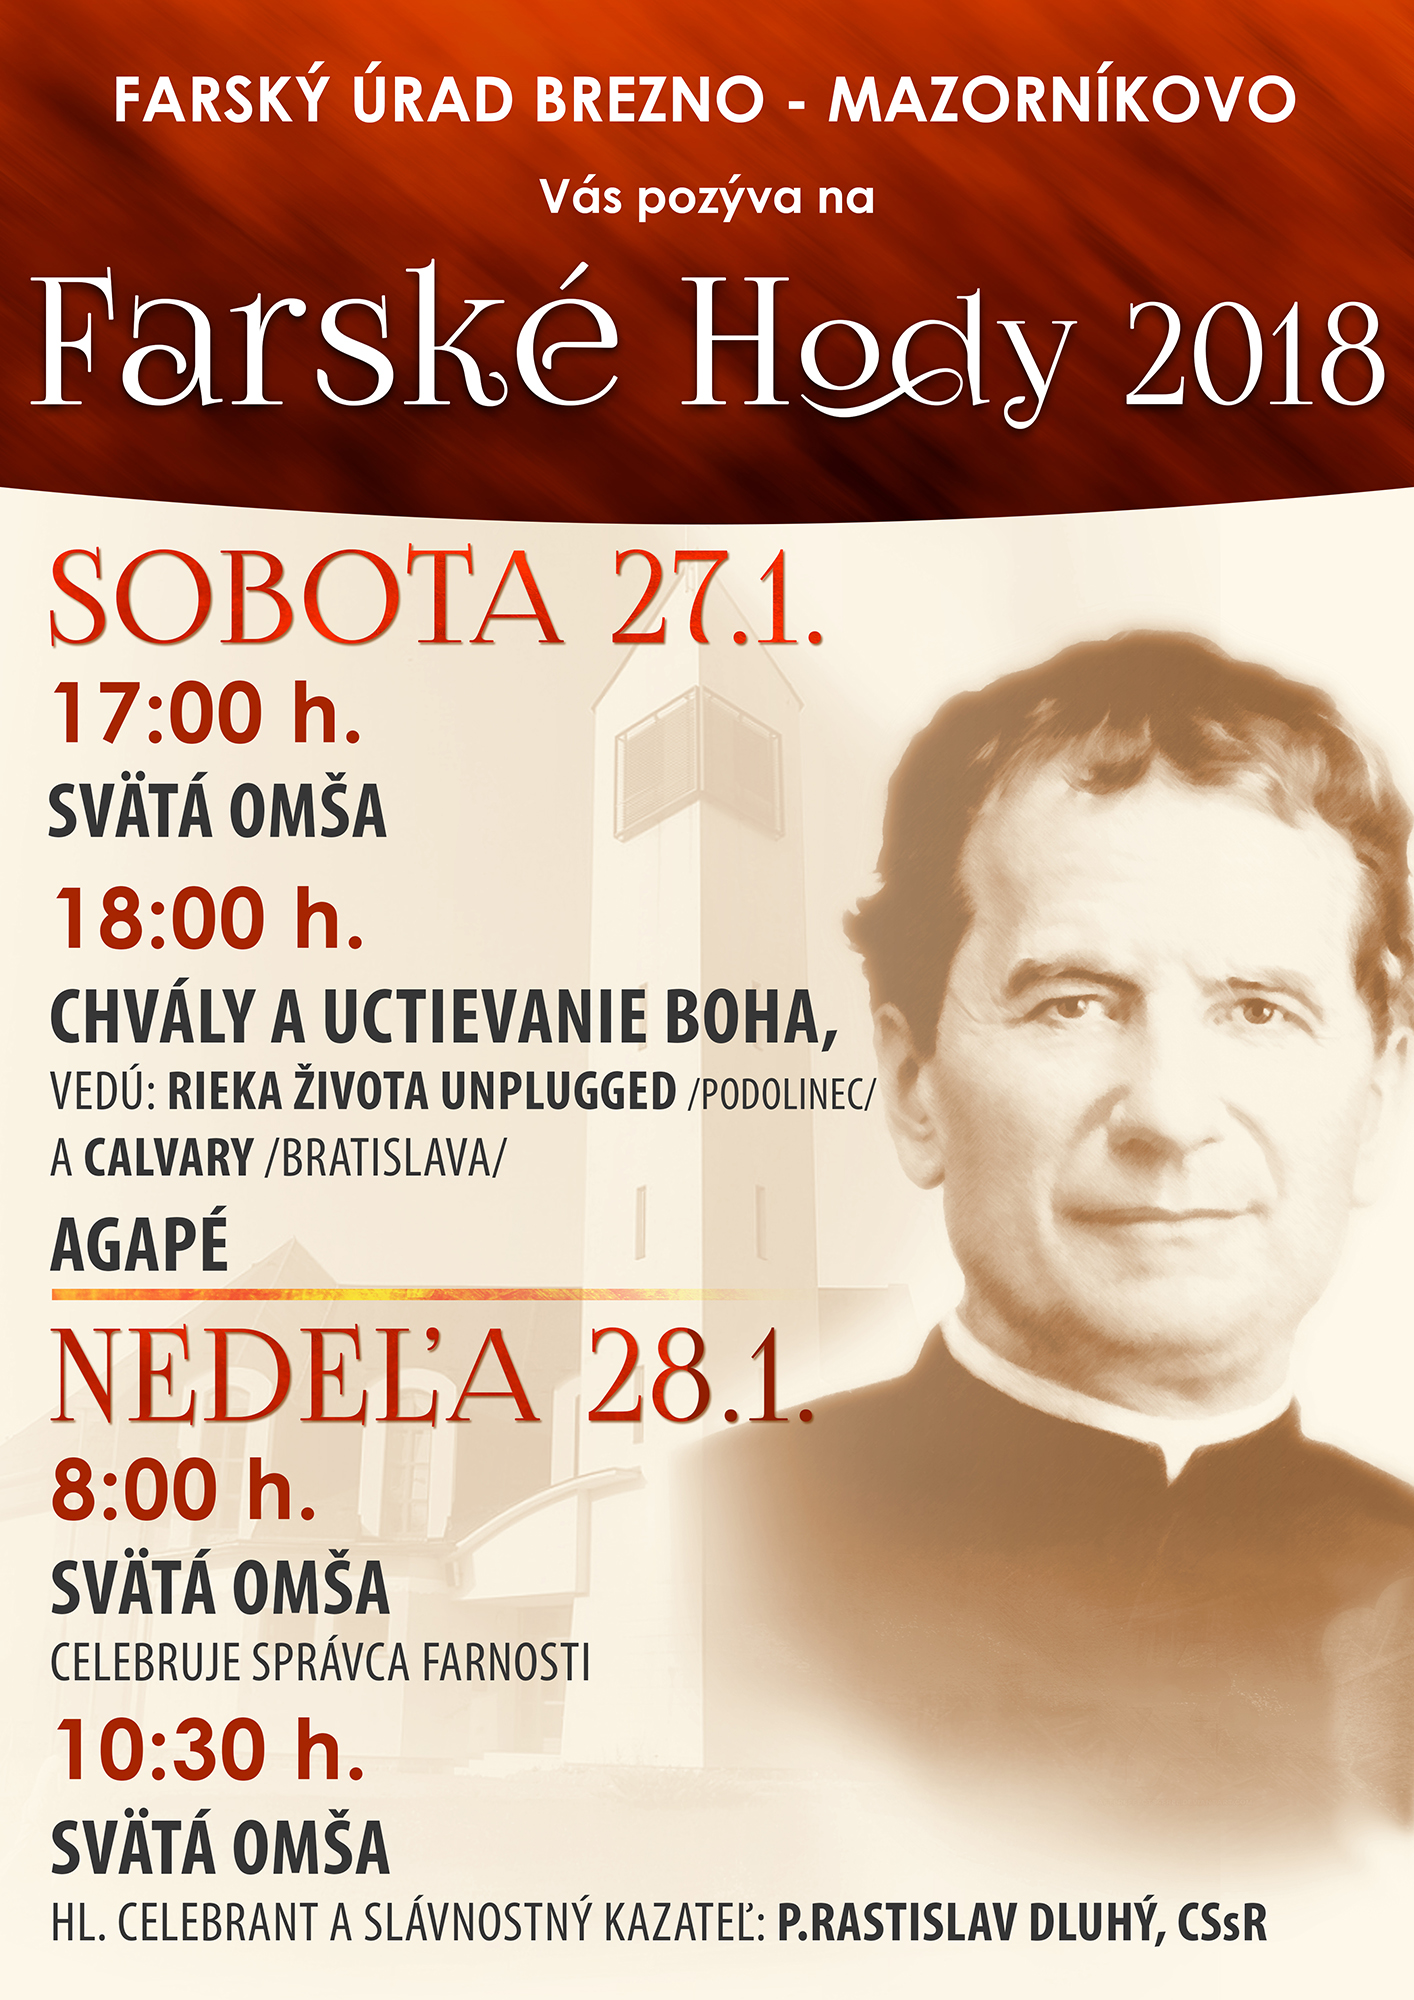 Farské Hody 2018 Brezno - Mazorníkovo